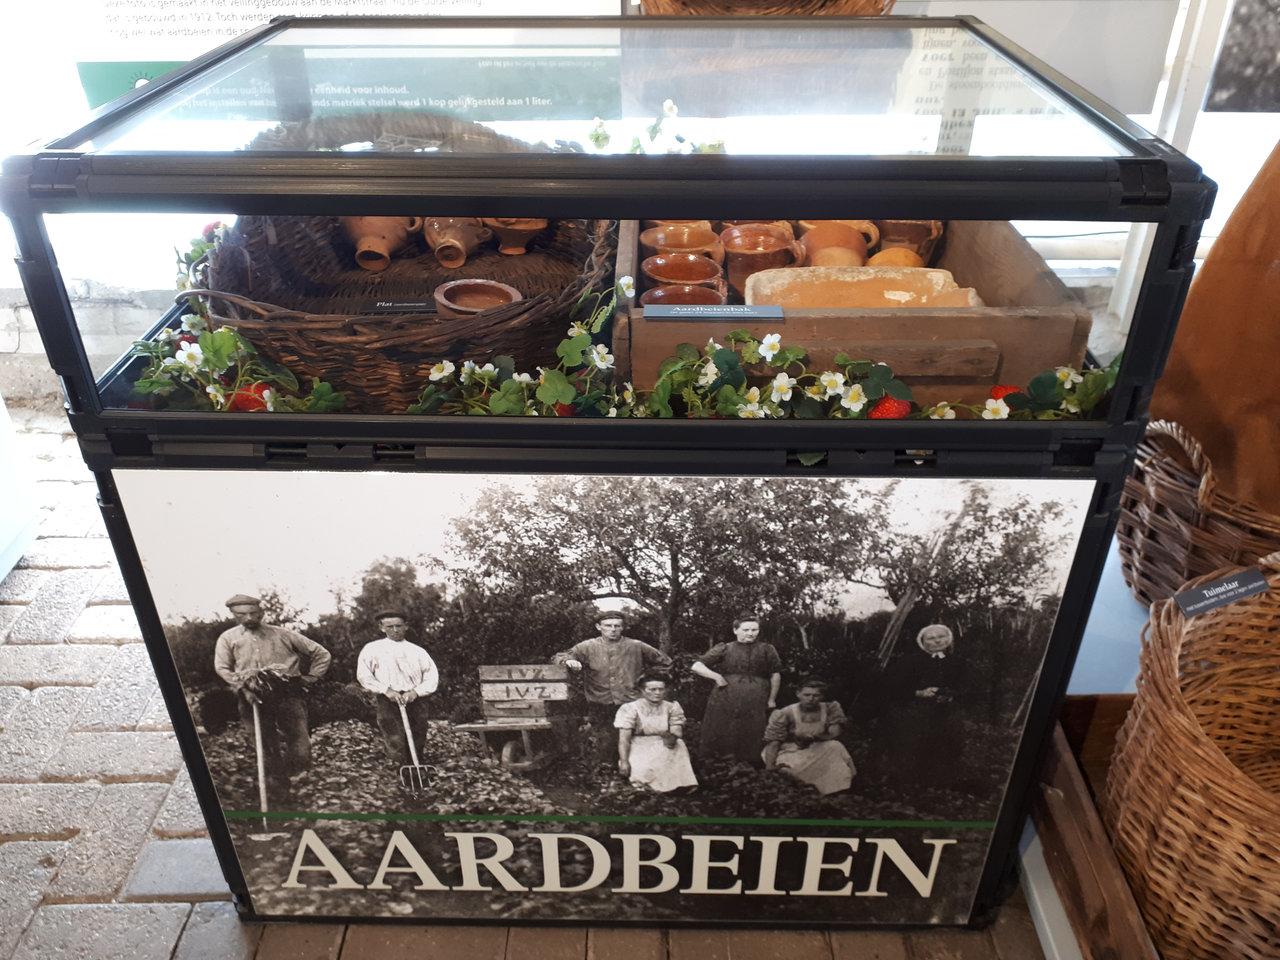 Aardbeien Historische Tuin Aalsmeer